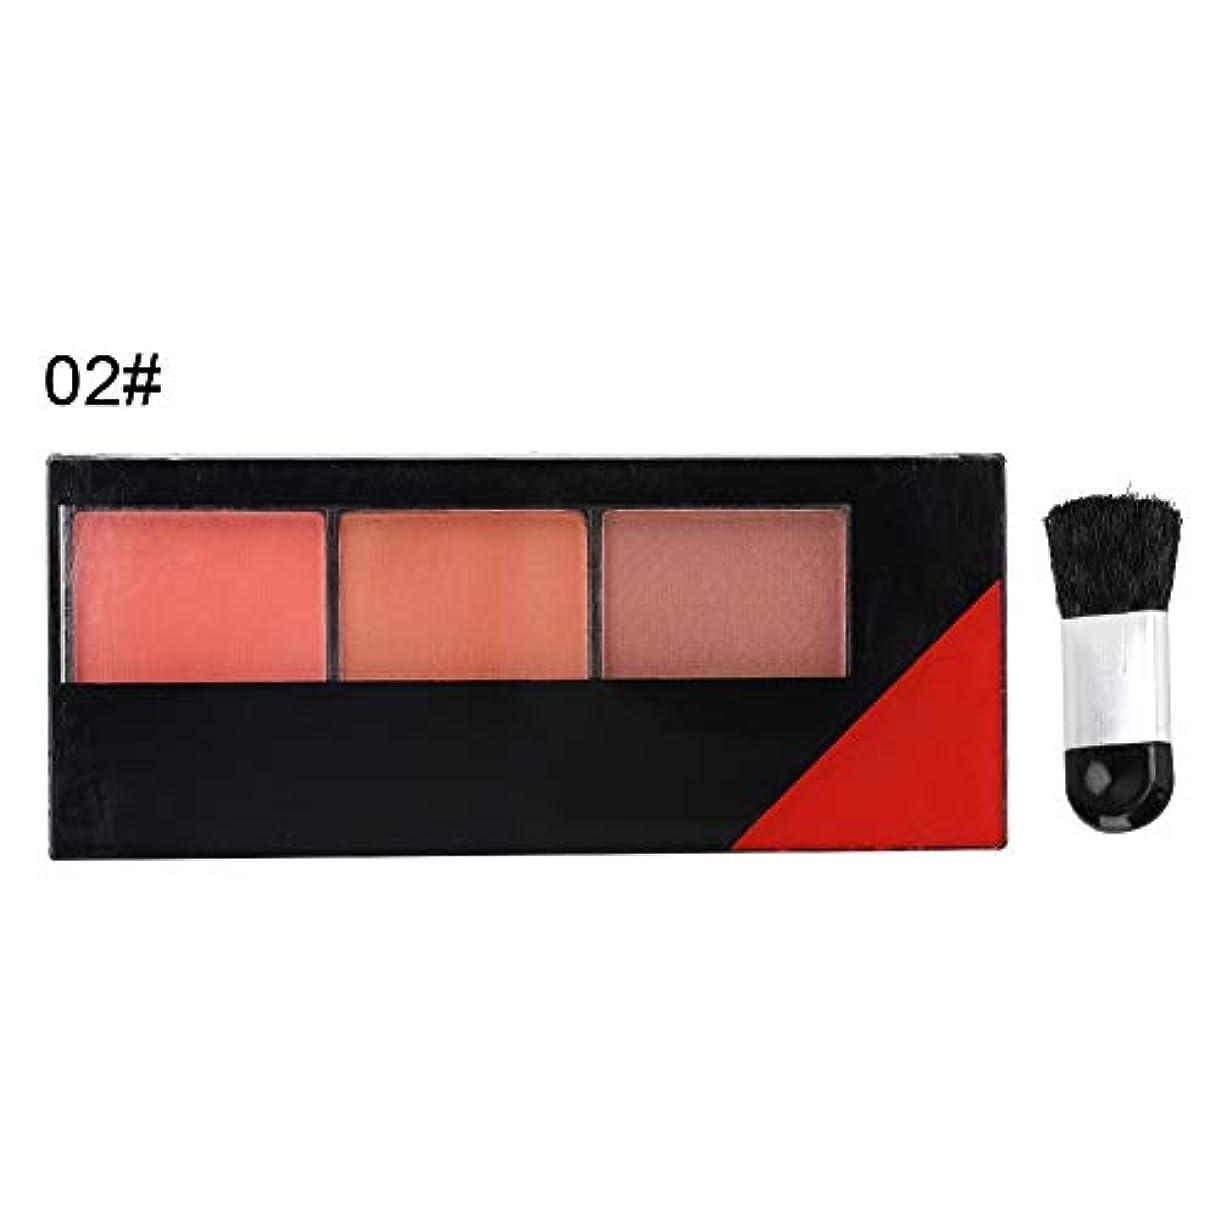 サイト風始まり3色フェイスメイクアップブラッシャー ハイドレイティングプリティフェアリープレスパウダー化粧品(02)